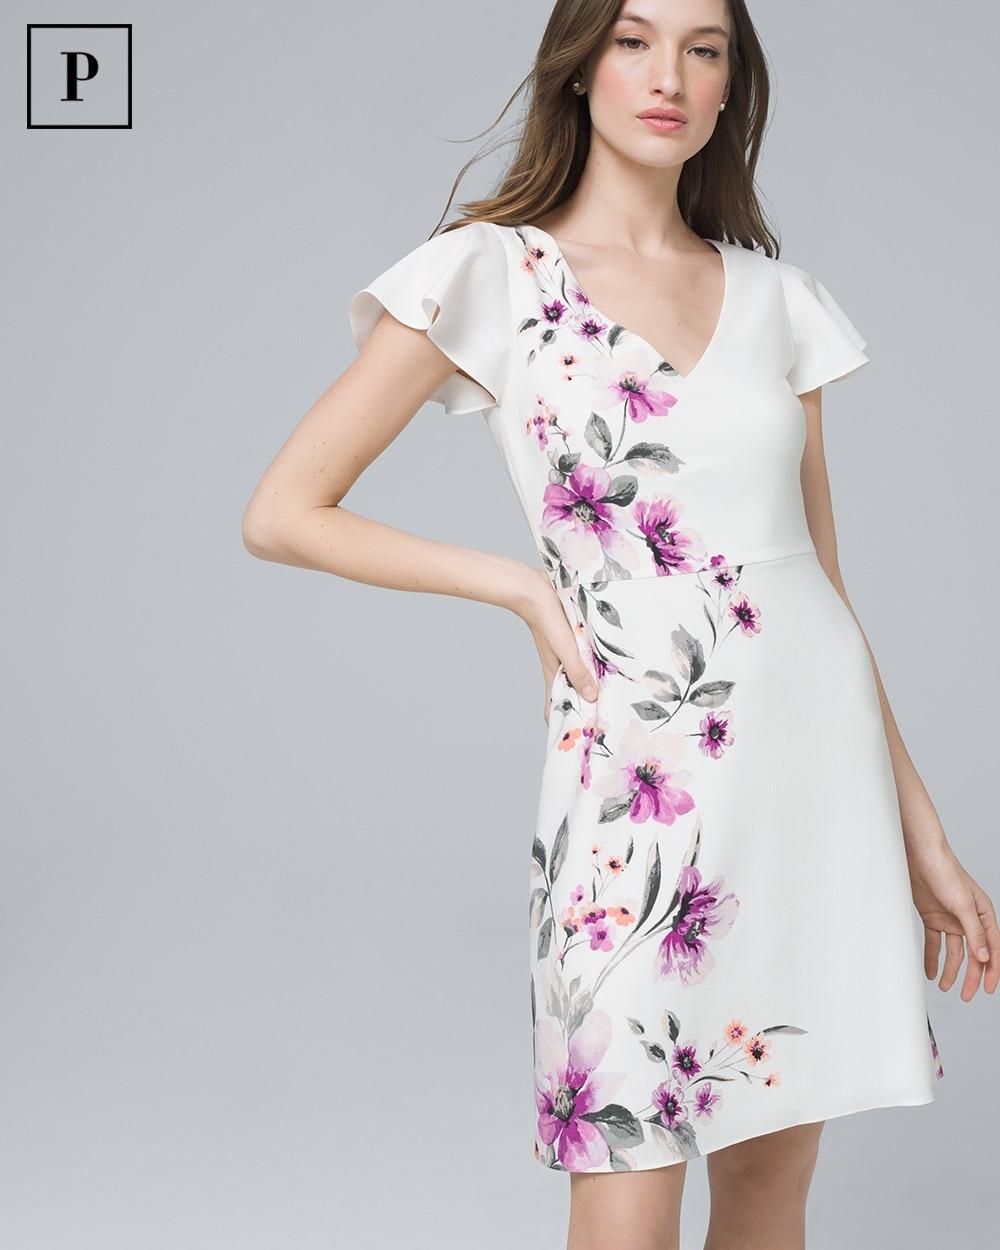 Petite Floral A Line Dress